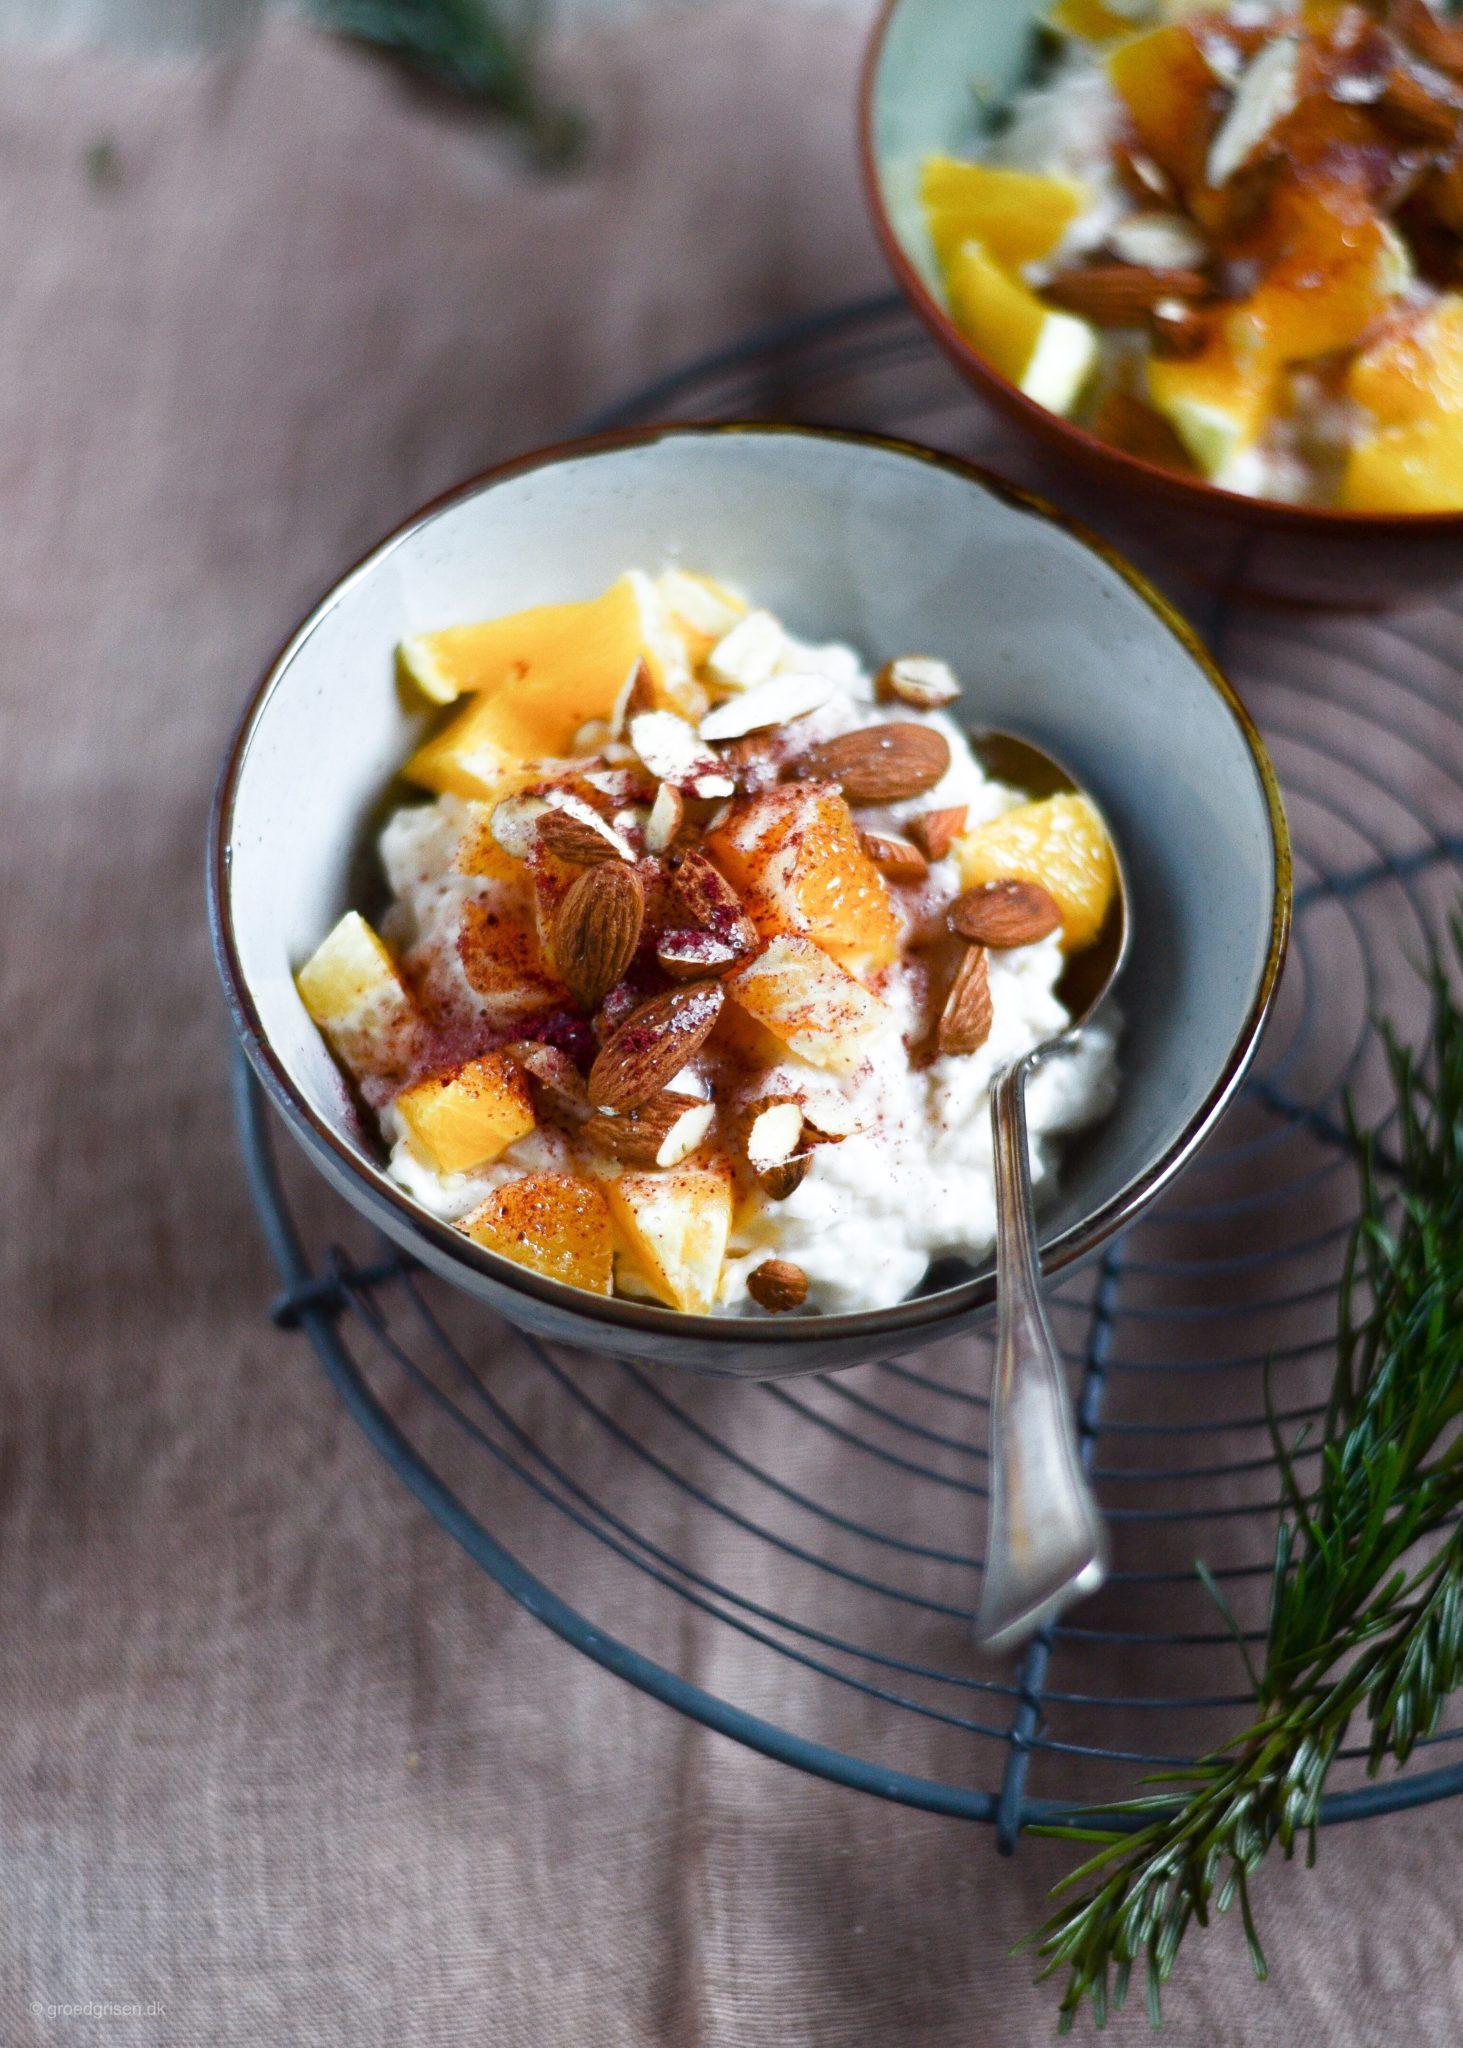 vegansk risengrød med mandelmælk, appelsiner, mandler og tranebærsukker